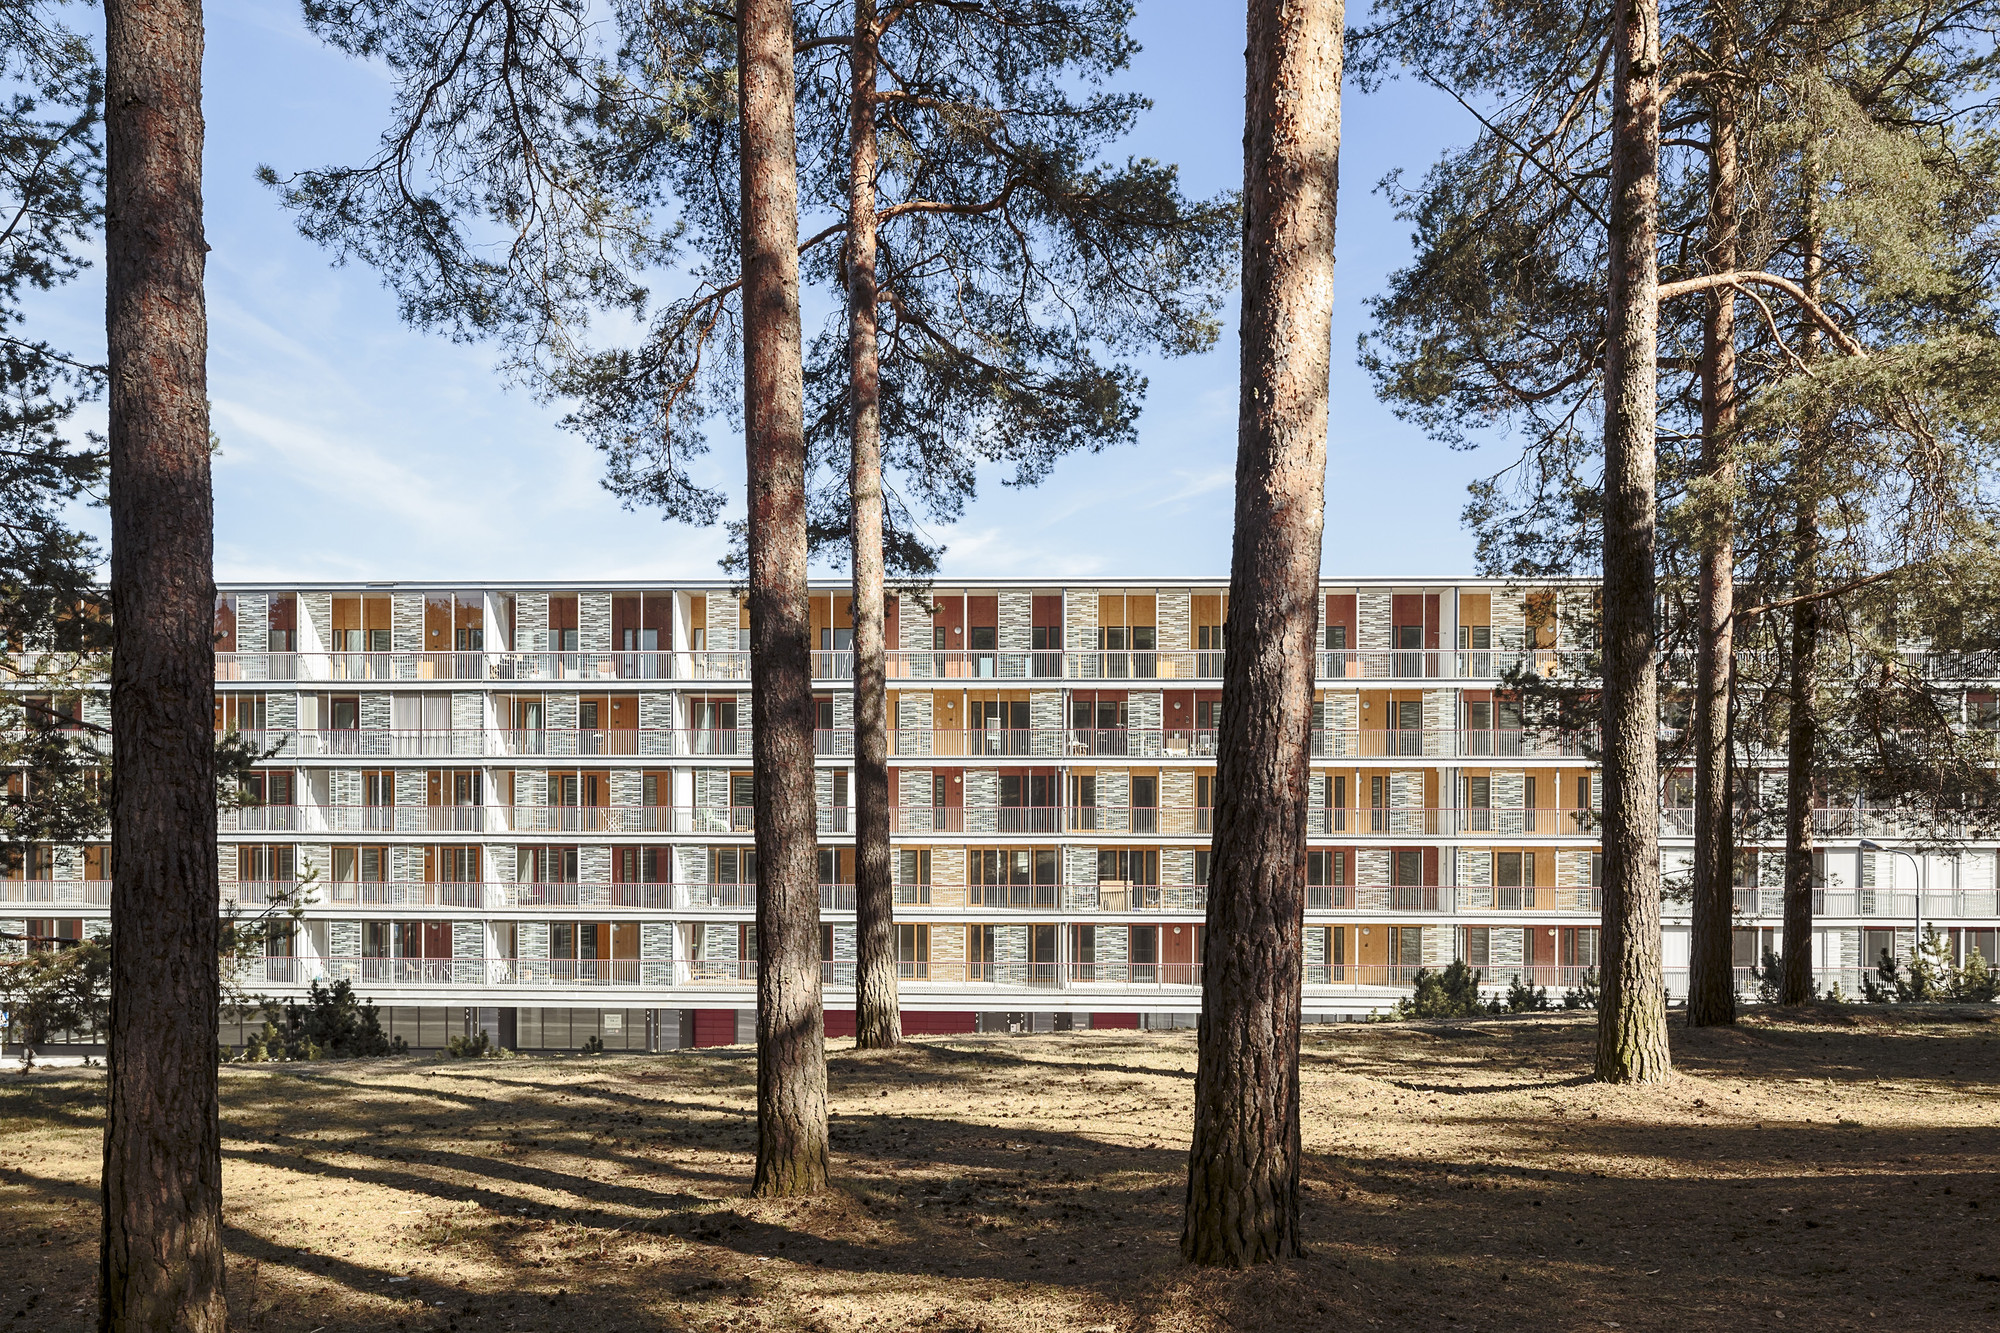 Harjunkulma Housing Block / Kirsti Sivén & Asko Takala Arkkitehdit, © Tuomas Uusheimo